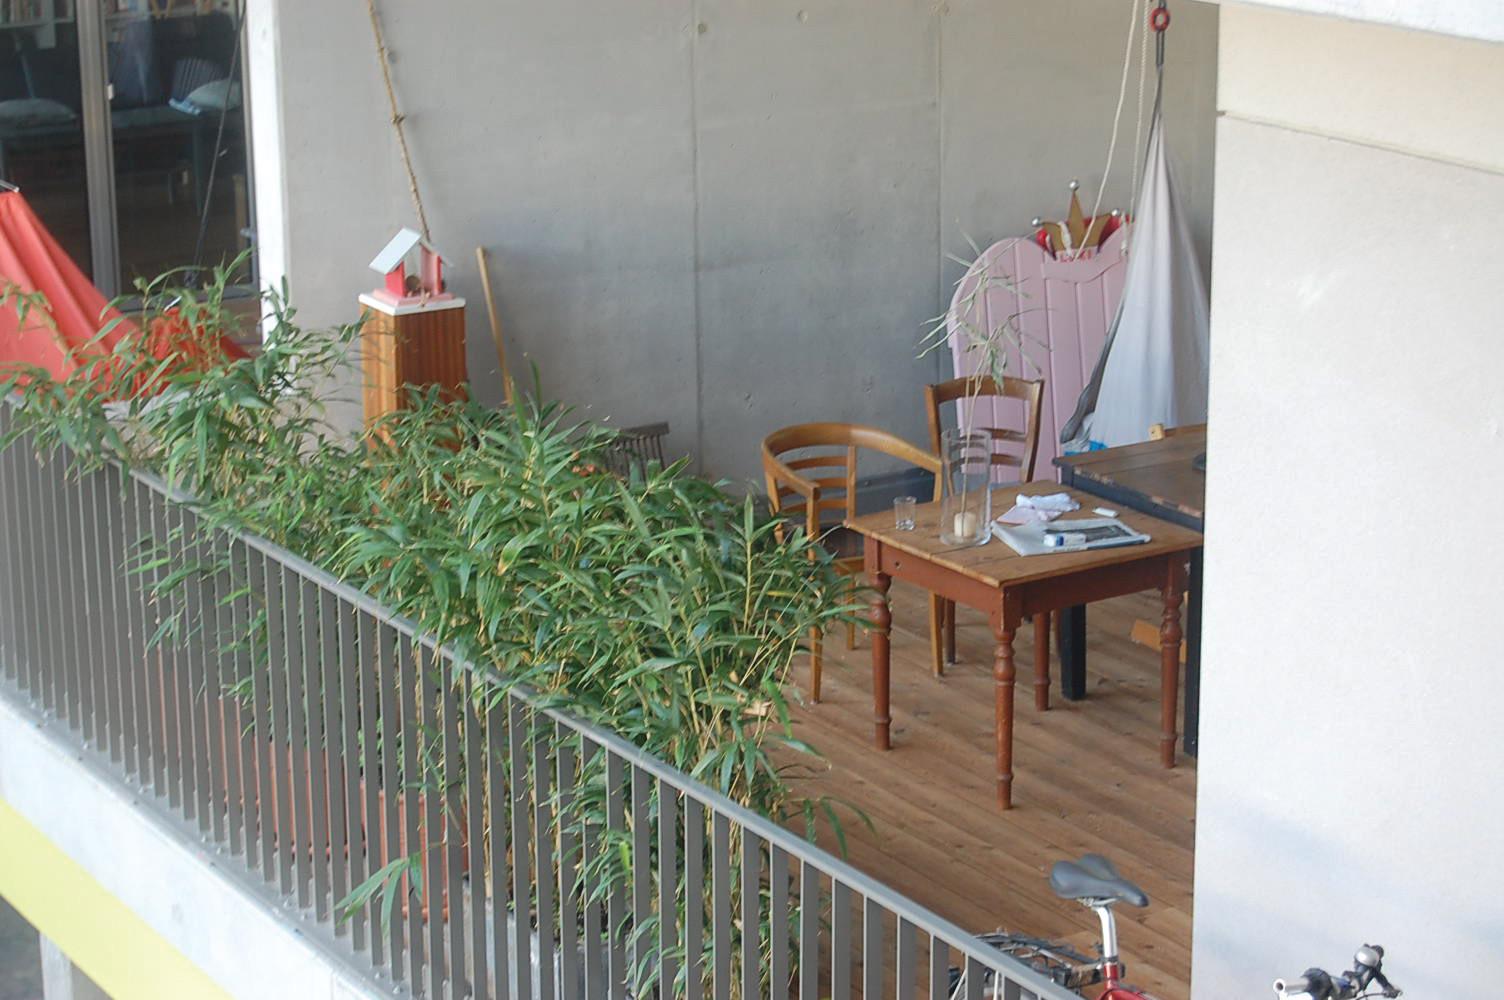 Loggia als Freiluft-Zimmer